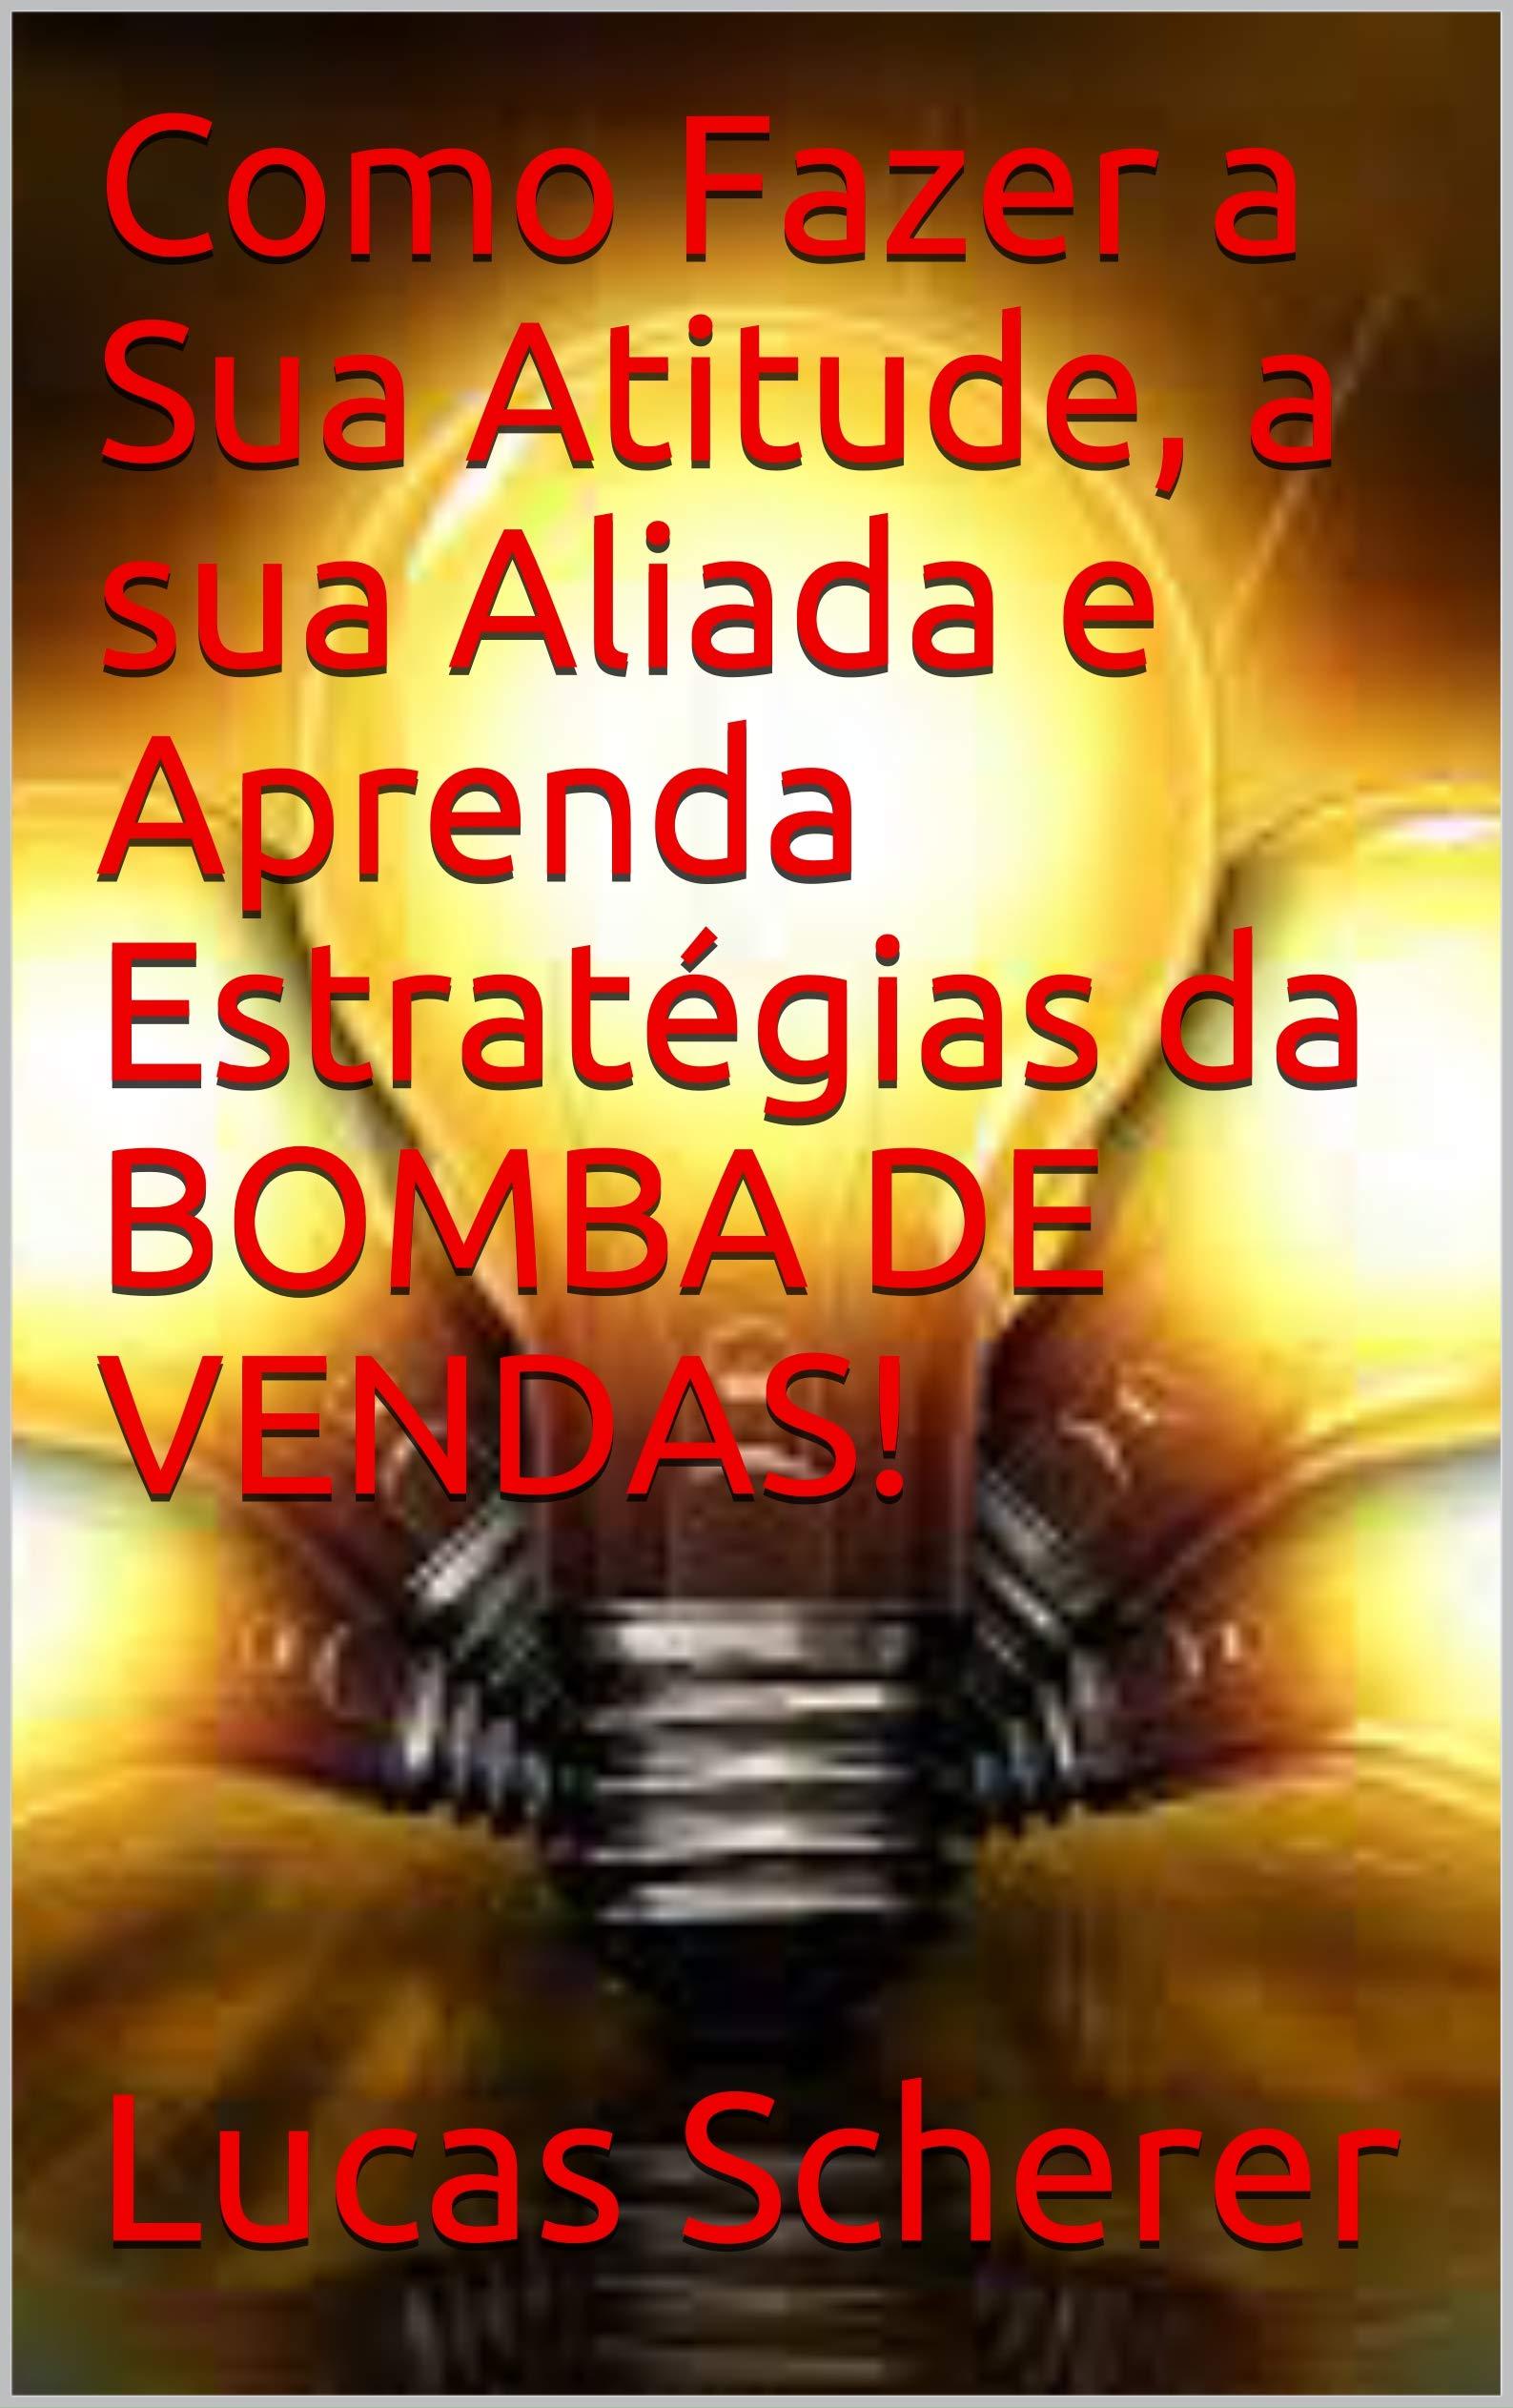 Como Fazer a Sua Atitude, a sua Aliada e Aprenda Estratégias da BOMBA DE VENDAS! (Portuguese Edition)